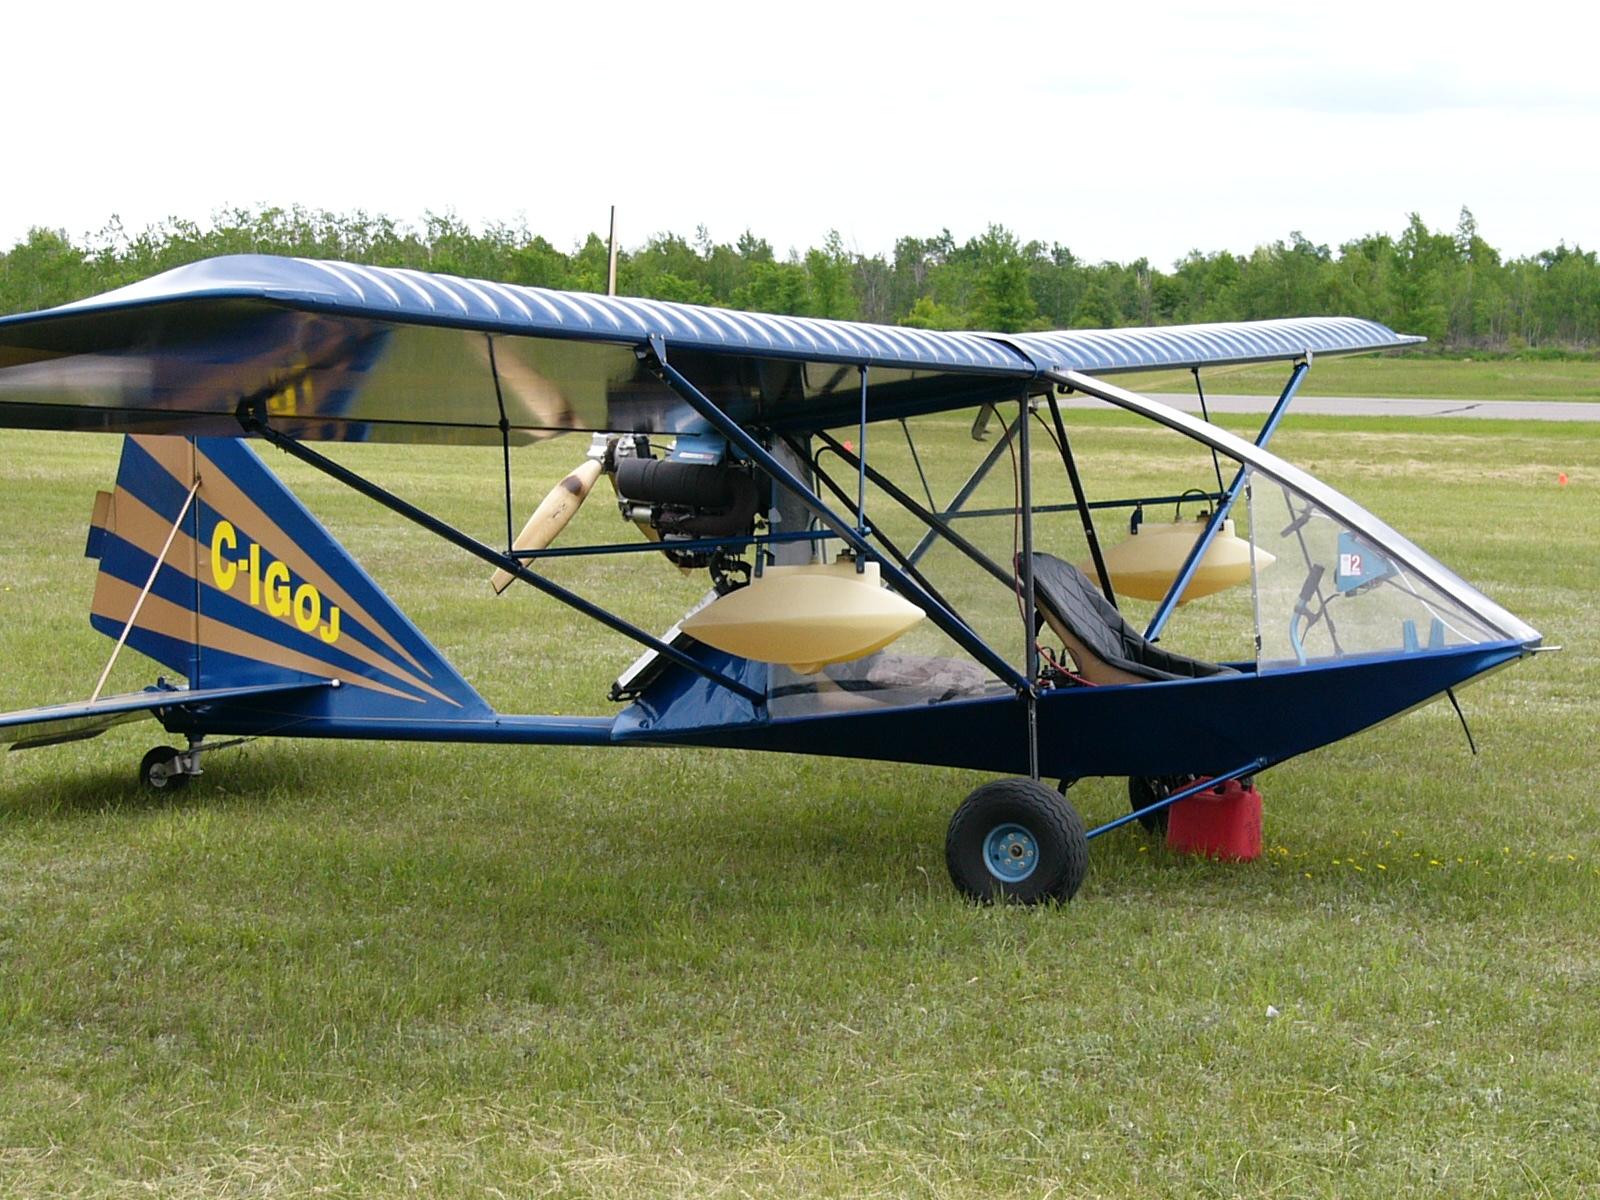 Aircraft Sales and Parts - Wikipedia